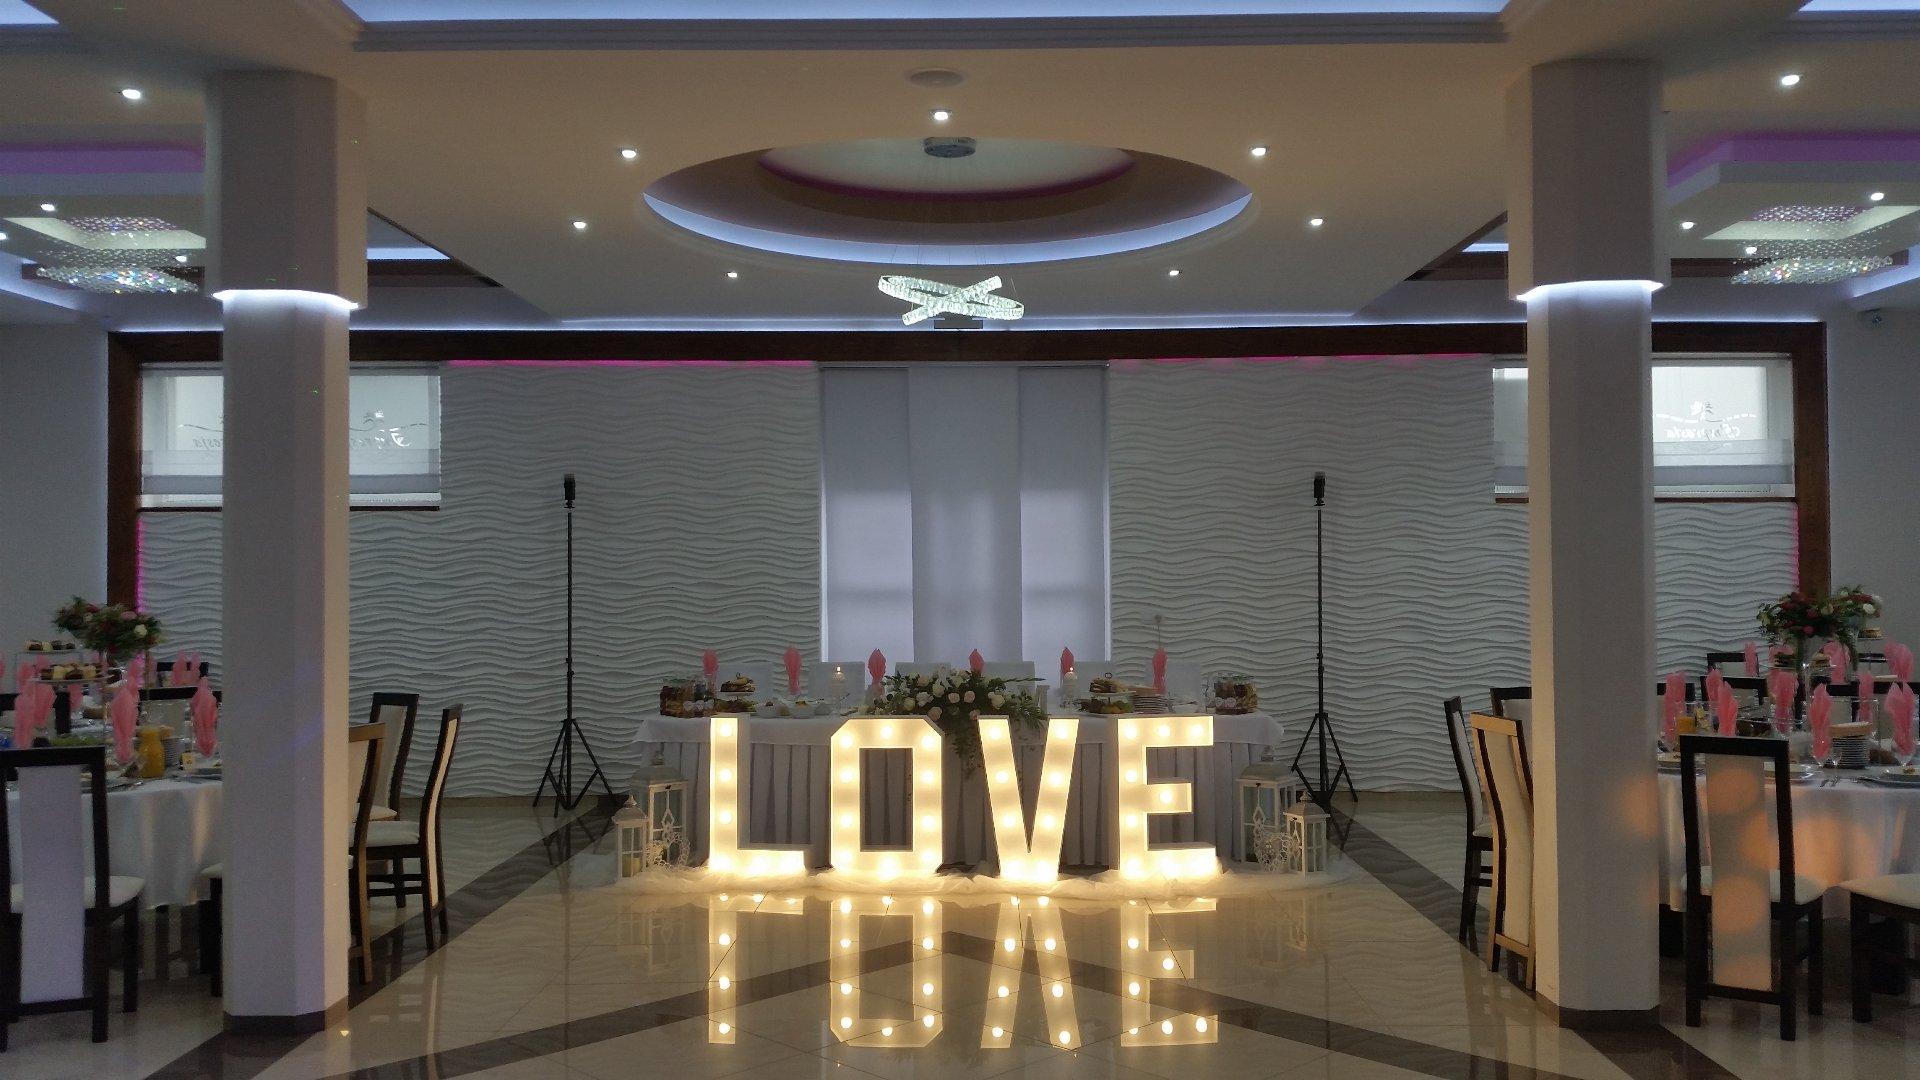 LOVE - NAPIS - WYPOŻYCZALNIA